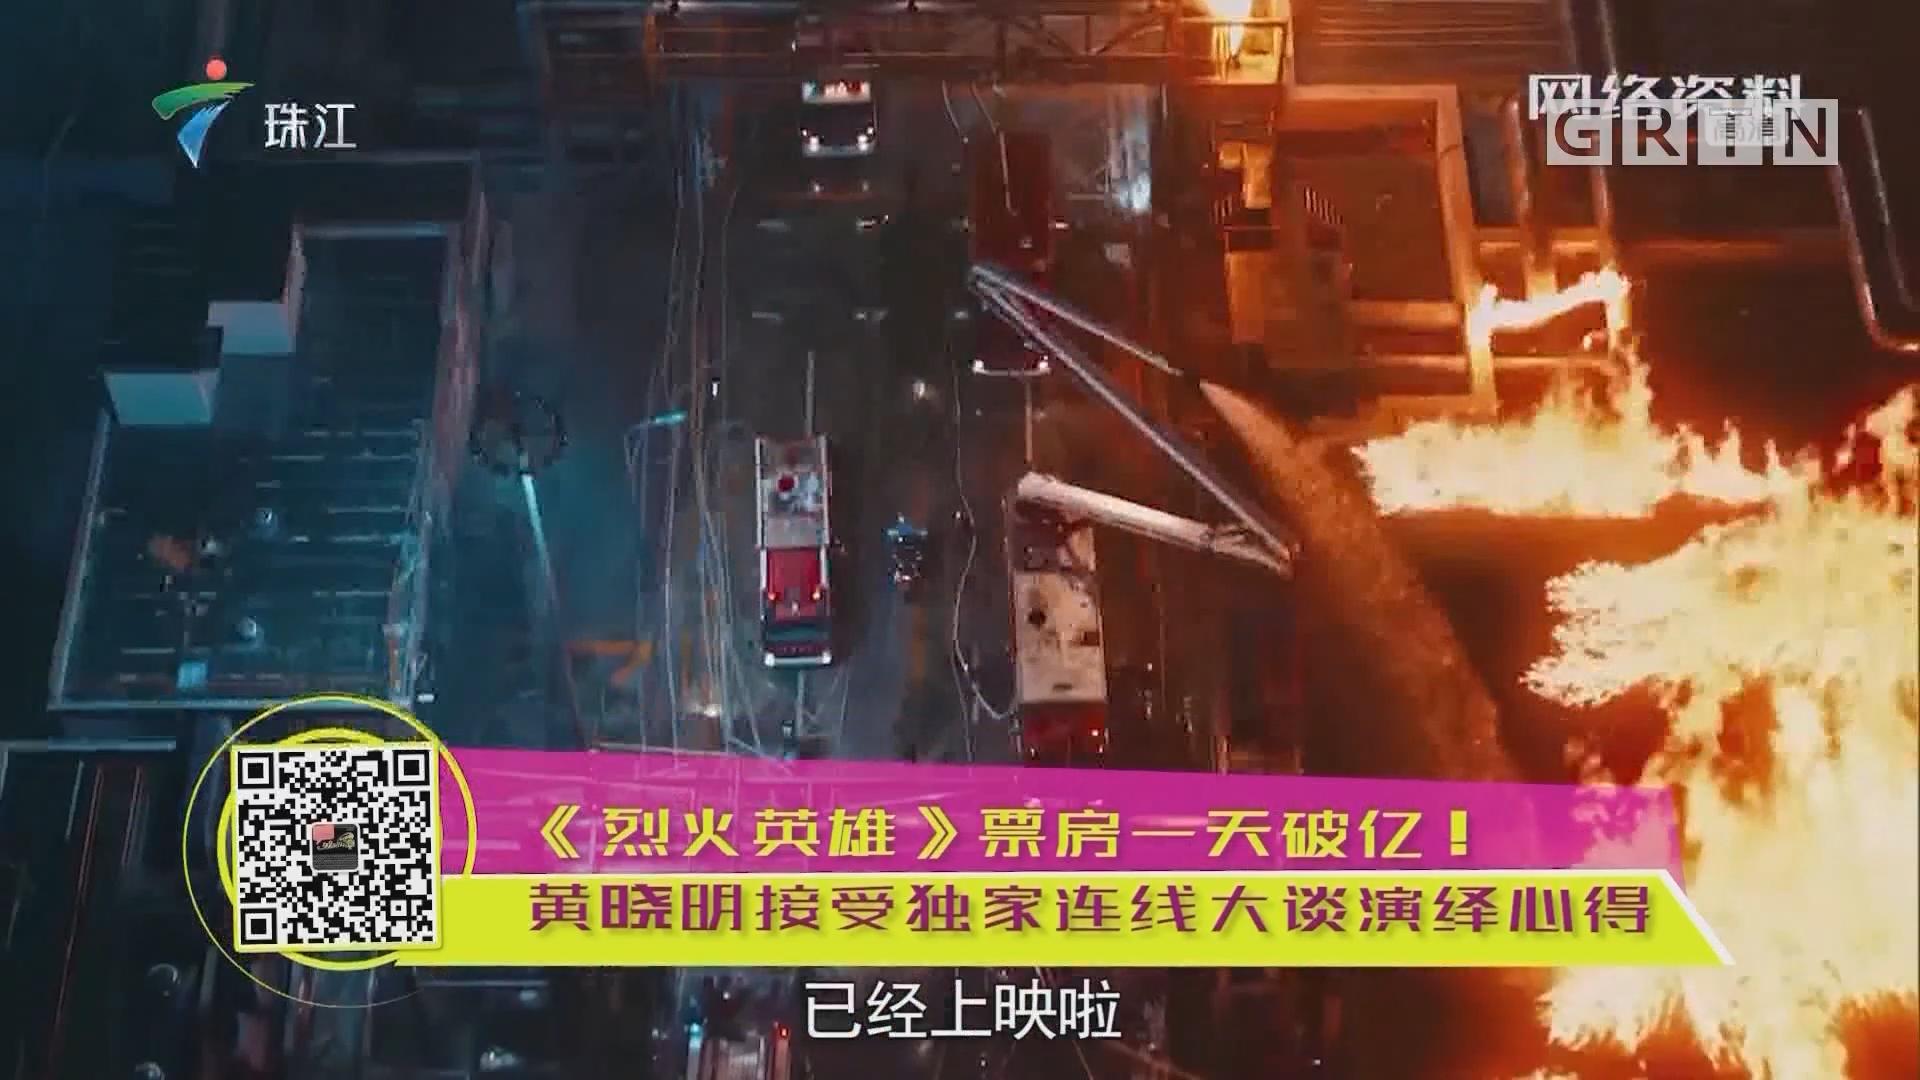 《烈火英雄》票房一天破亿!黄晓明接受独家连线大谈演绎心得